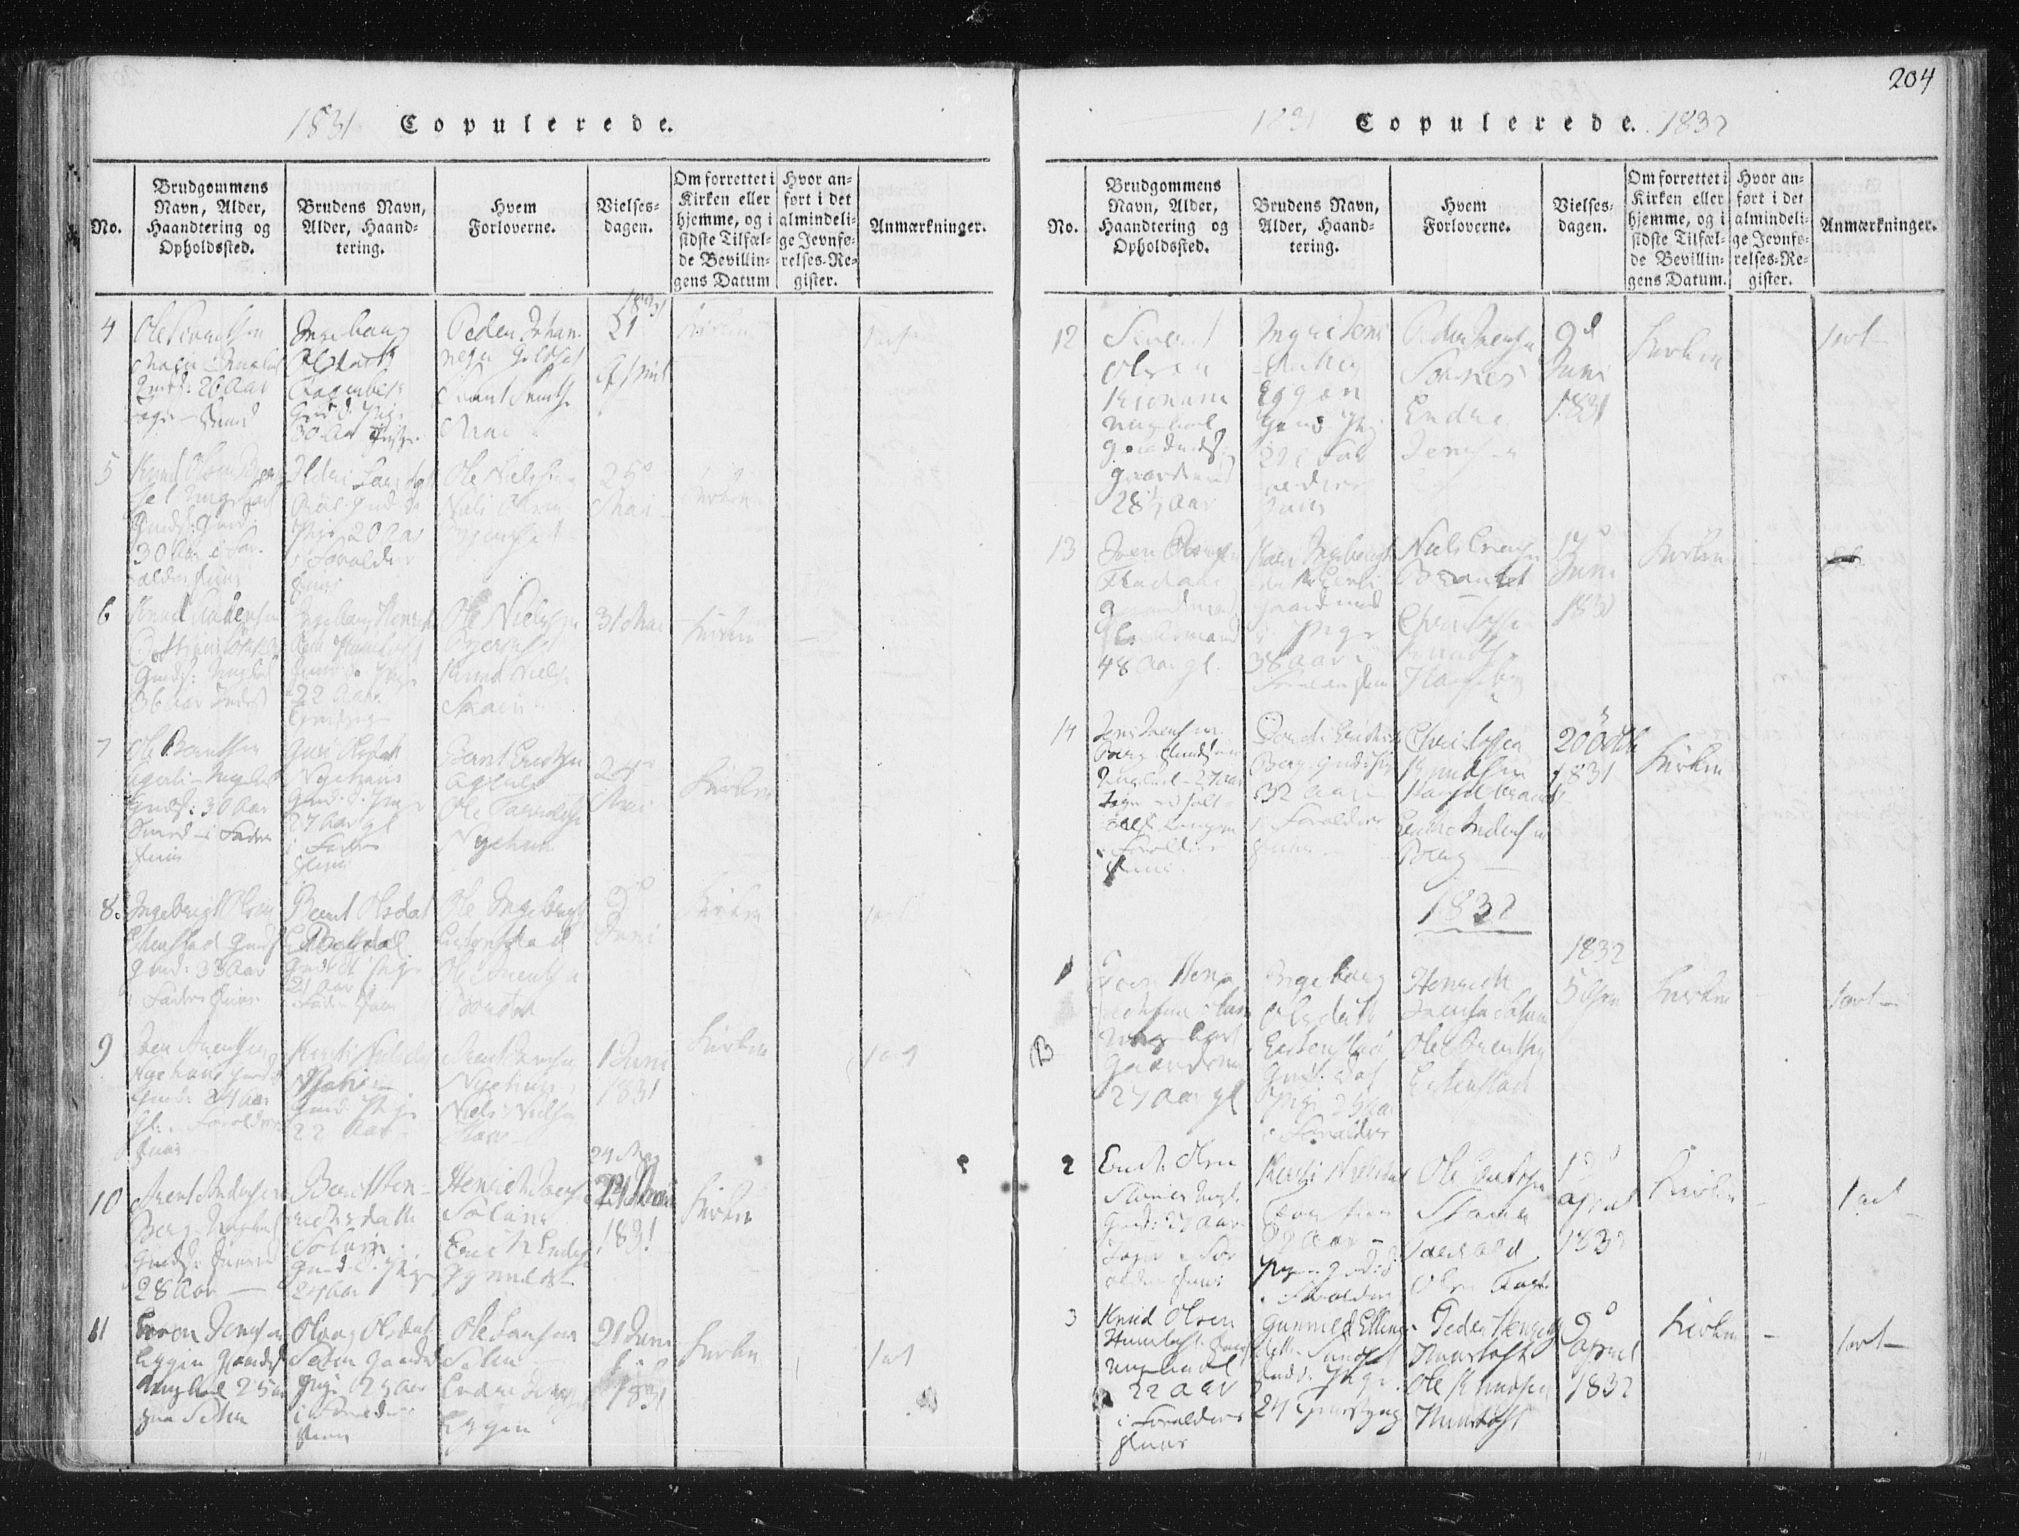 SAT, Ministerialprotokoller, klokkerbøker og fødselsregistre - Sør-Trøndelag, 689/L1037: Ministerialbok nr. 689A02, 1816-1842, s. 204